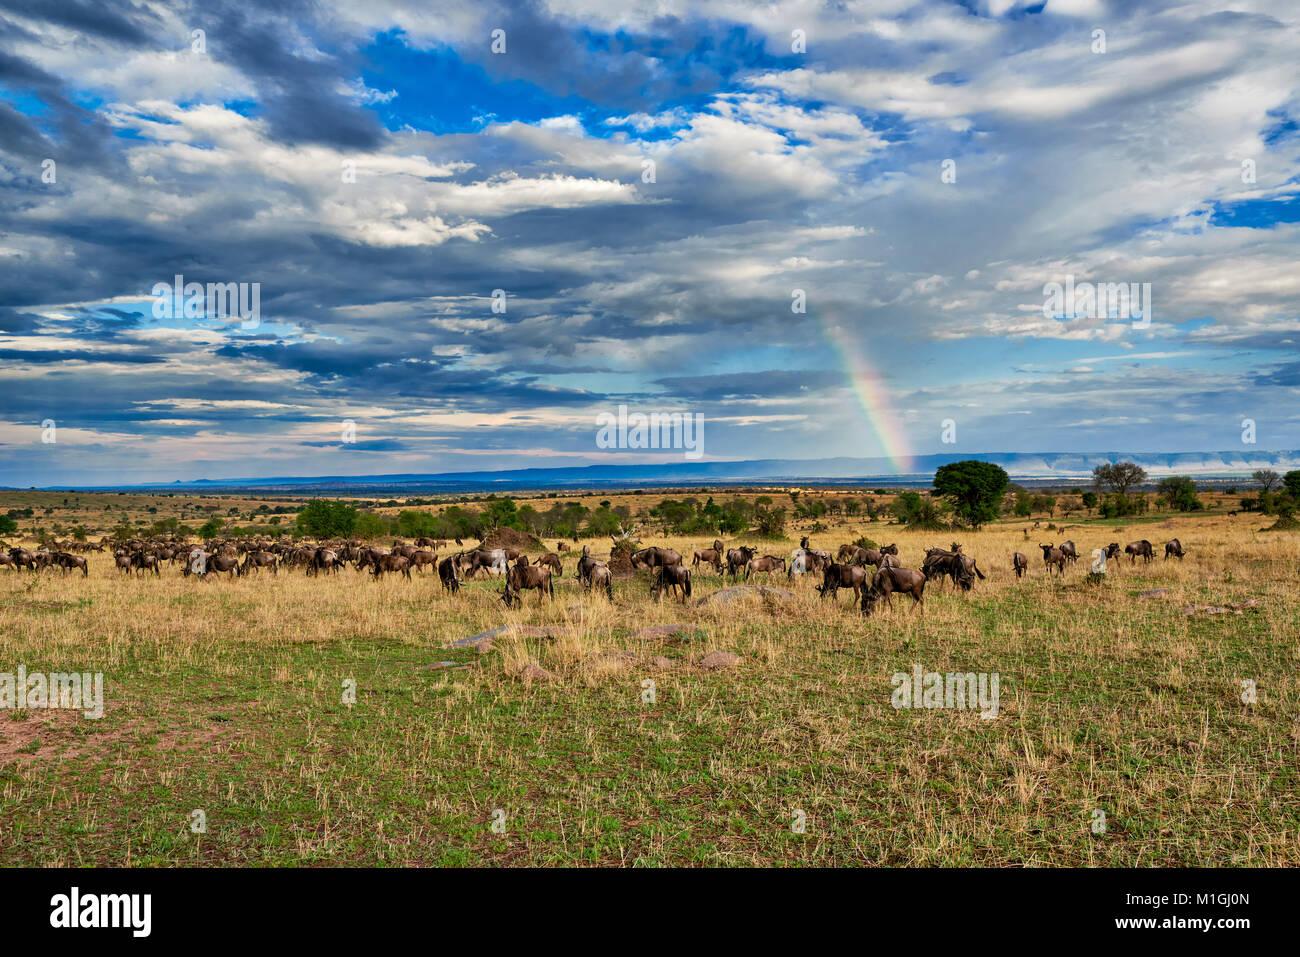 Regenbogen und Gnus, Landschaft im Serengeti Nationalpark, UNESCO-Weltkulturerbe, Tansania, Afrika Stockbild